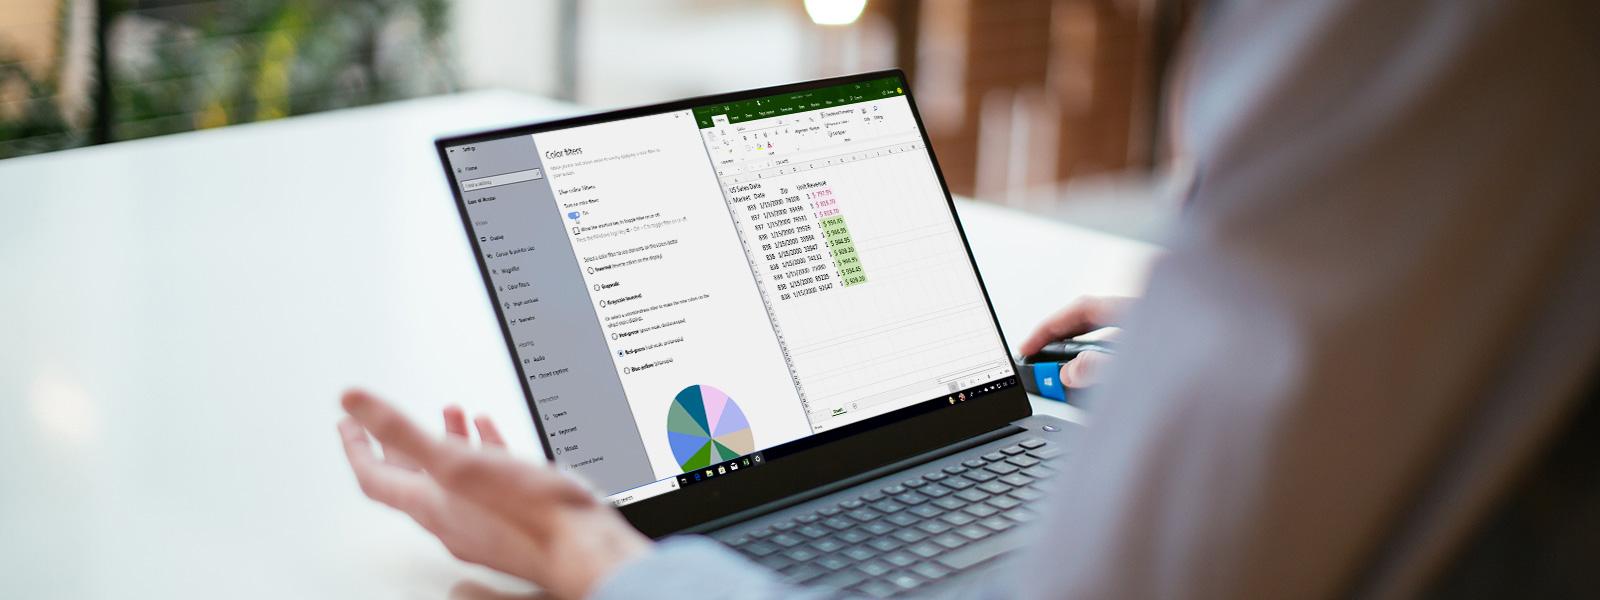 Persona que usa un equipo portátil con los filtros de color habilitados en Windows 10